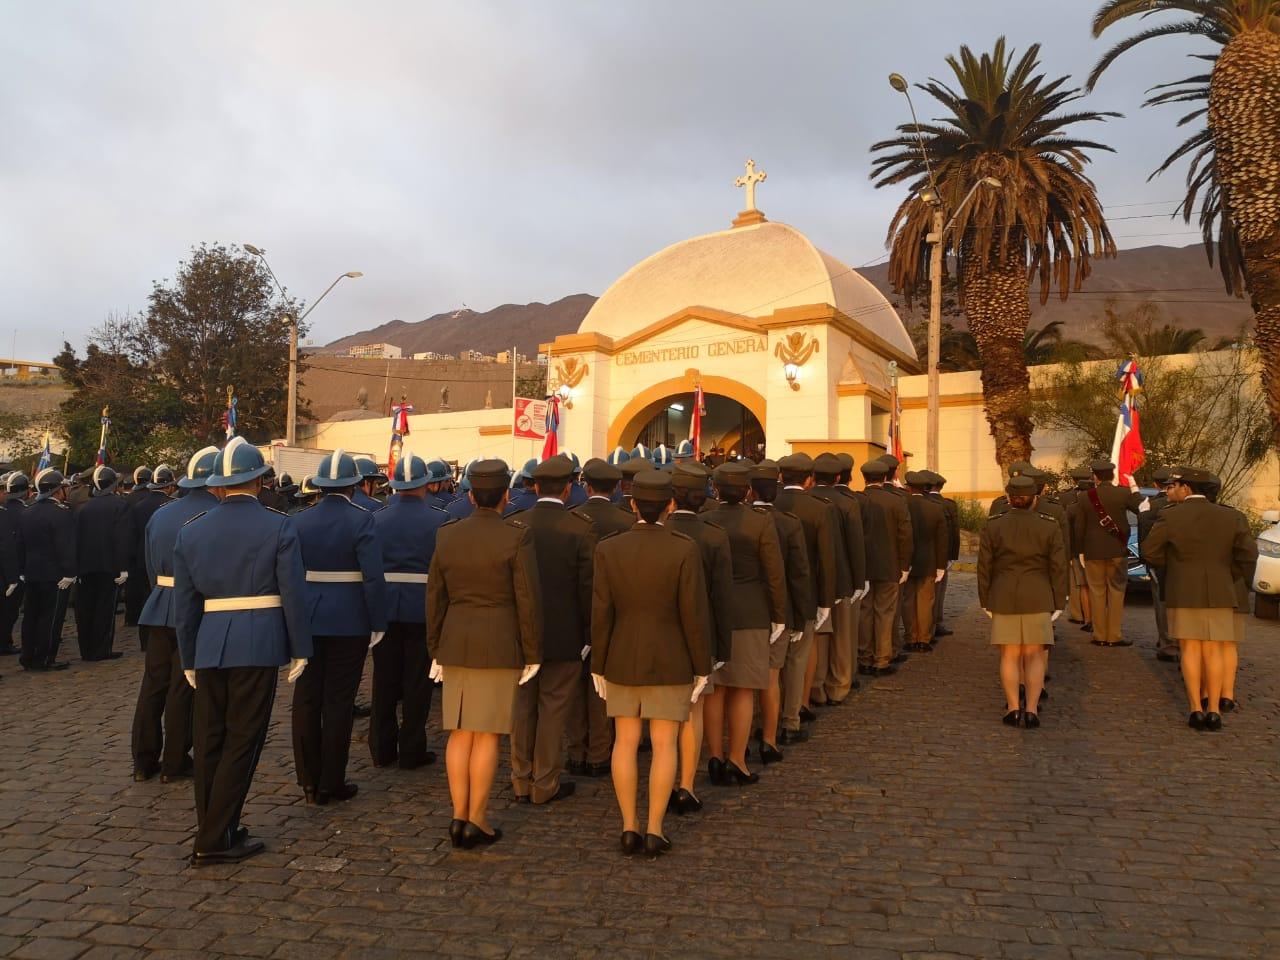 Bomberos de Antofagasta celebraron 144 años de vida institucional con tradicional romería